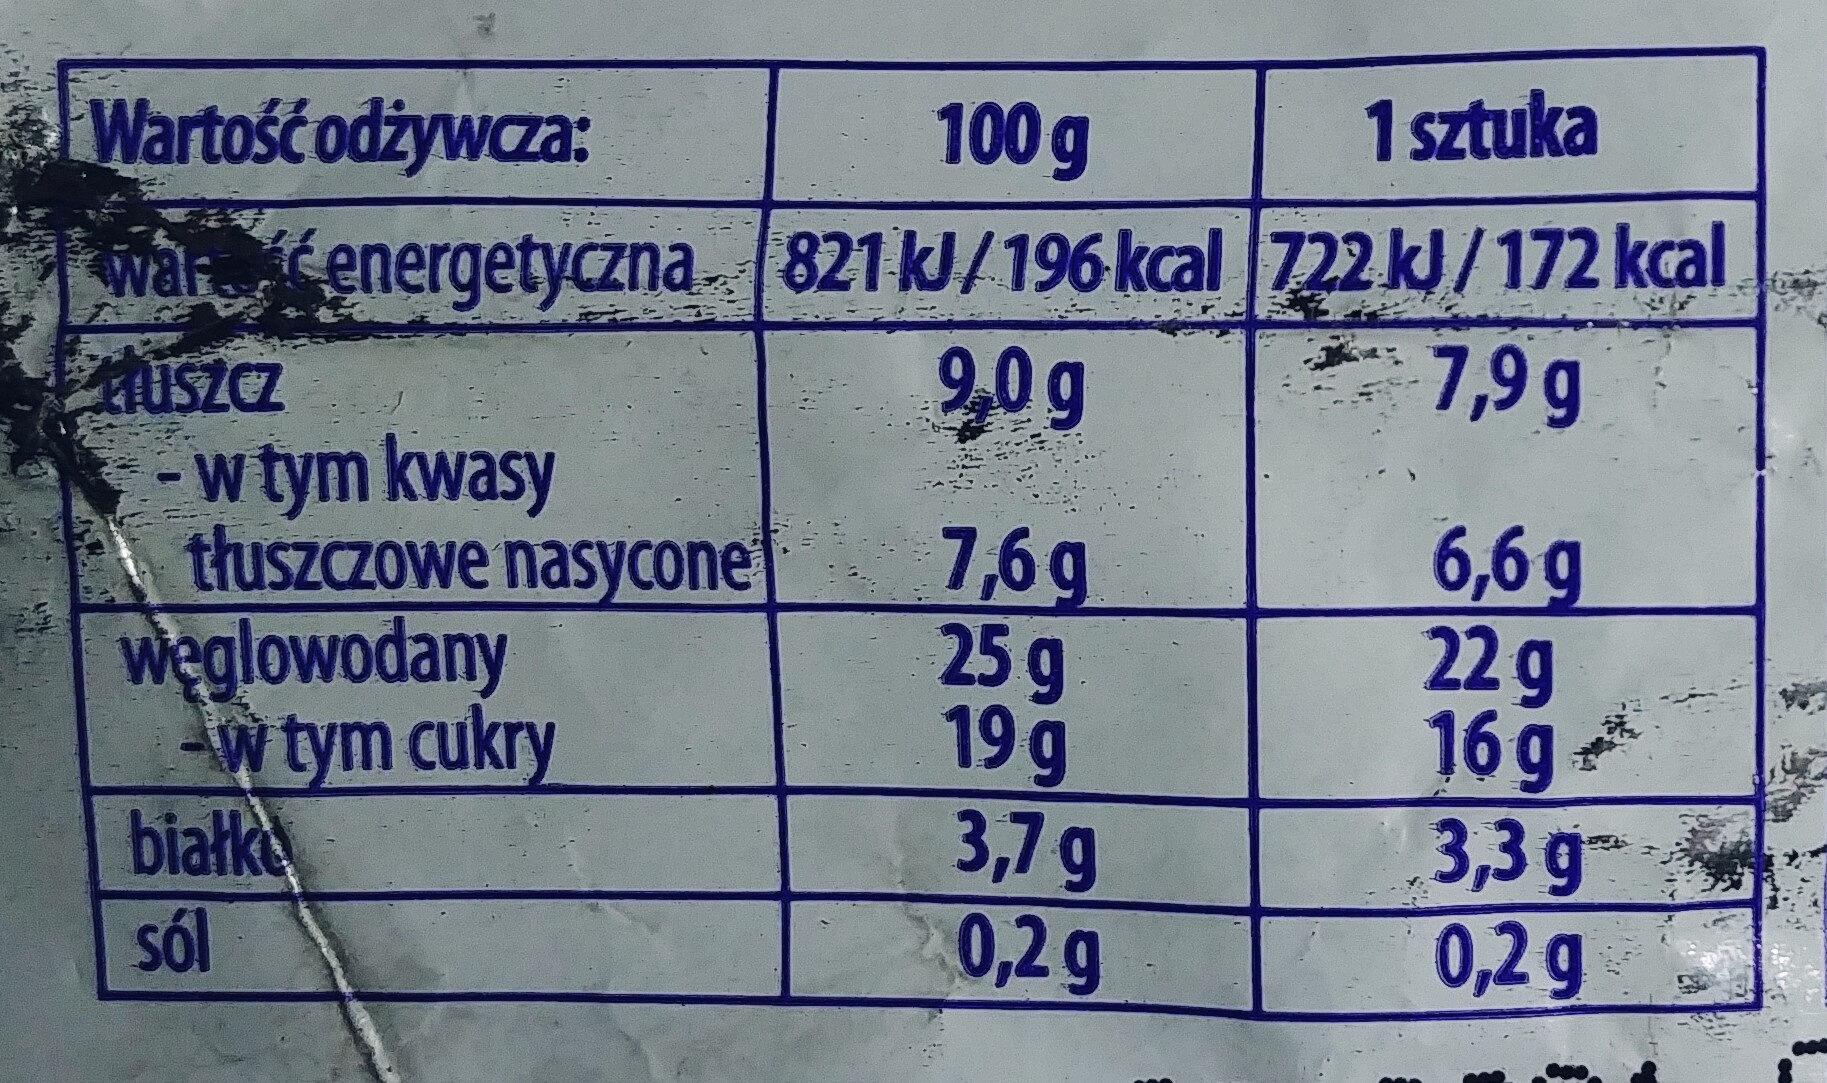 Lody śmietankowe - kostka śnieżna - Nutrition facts